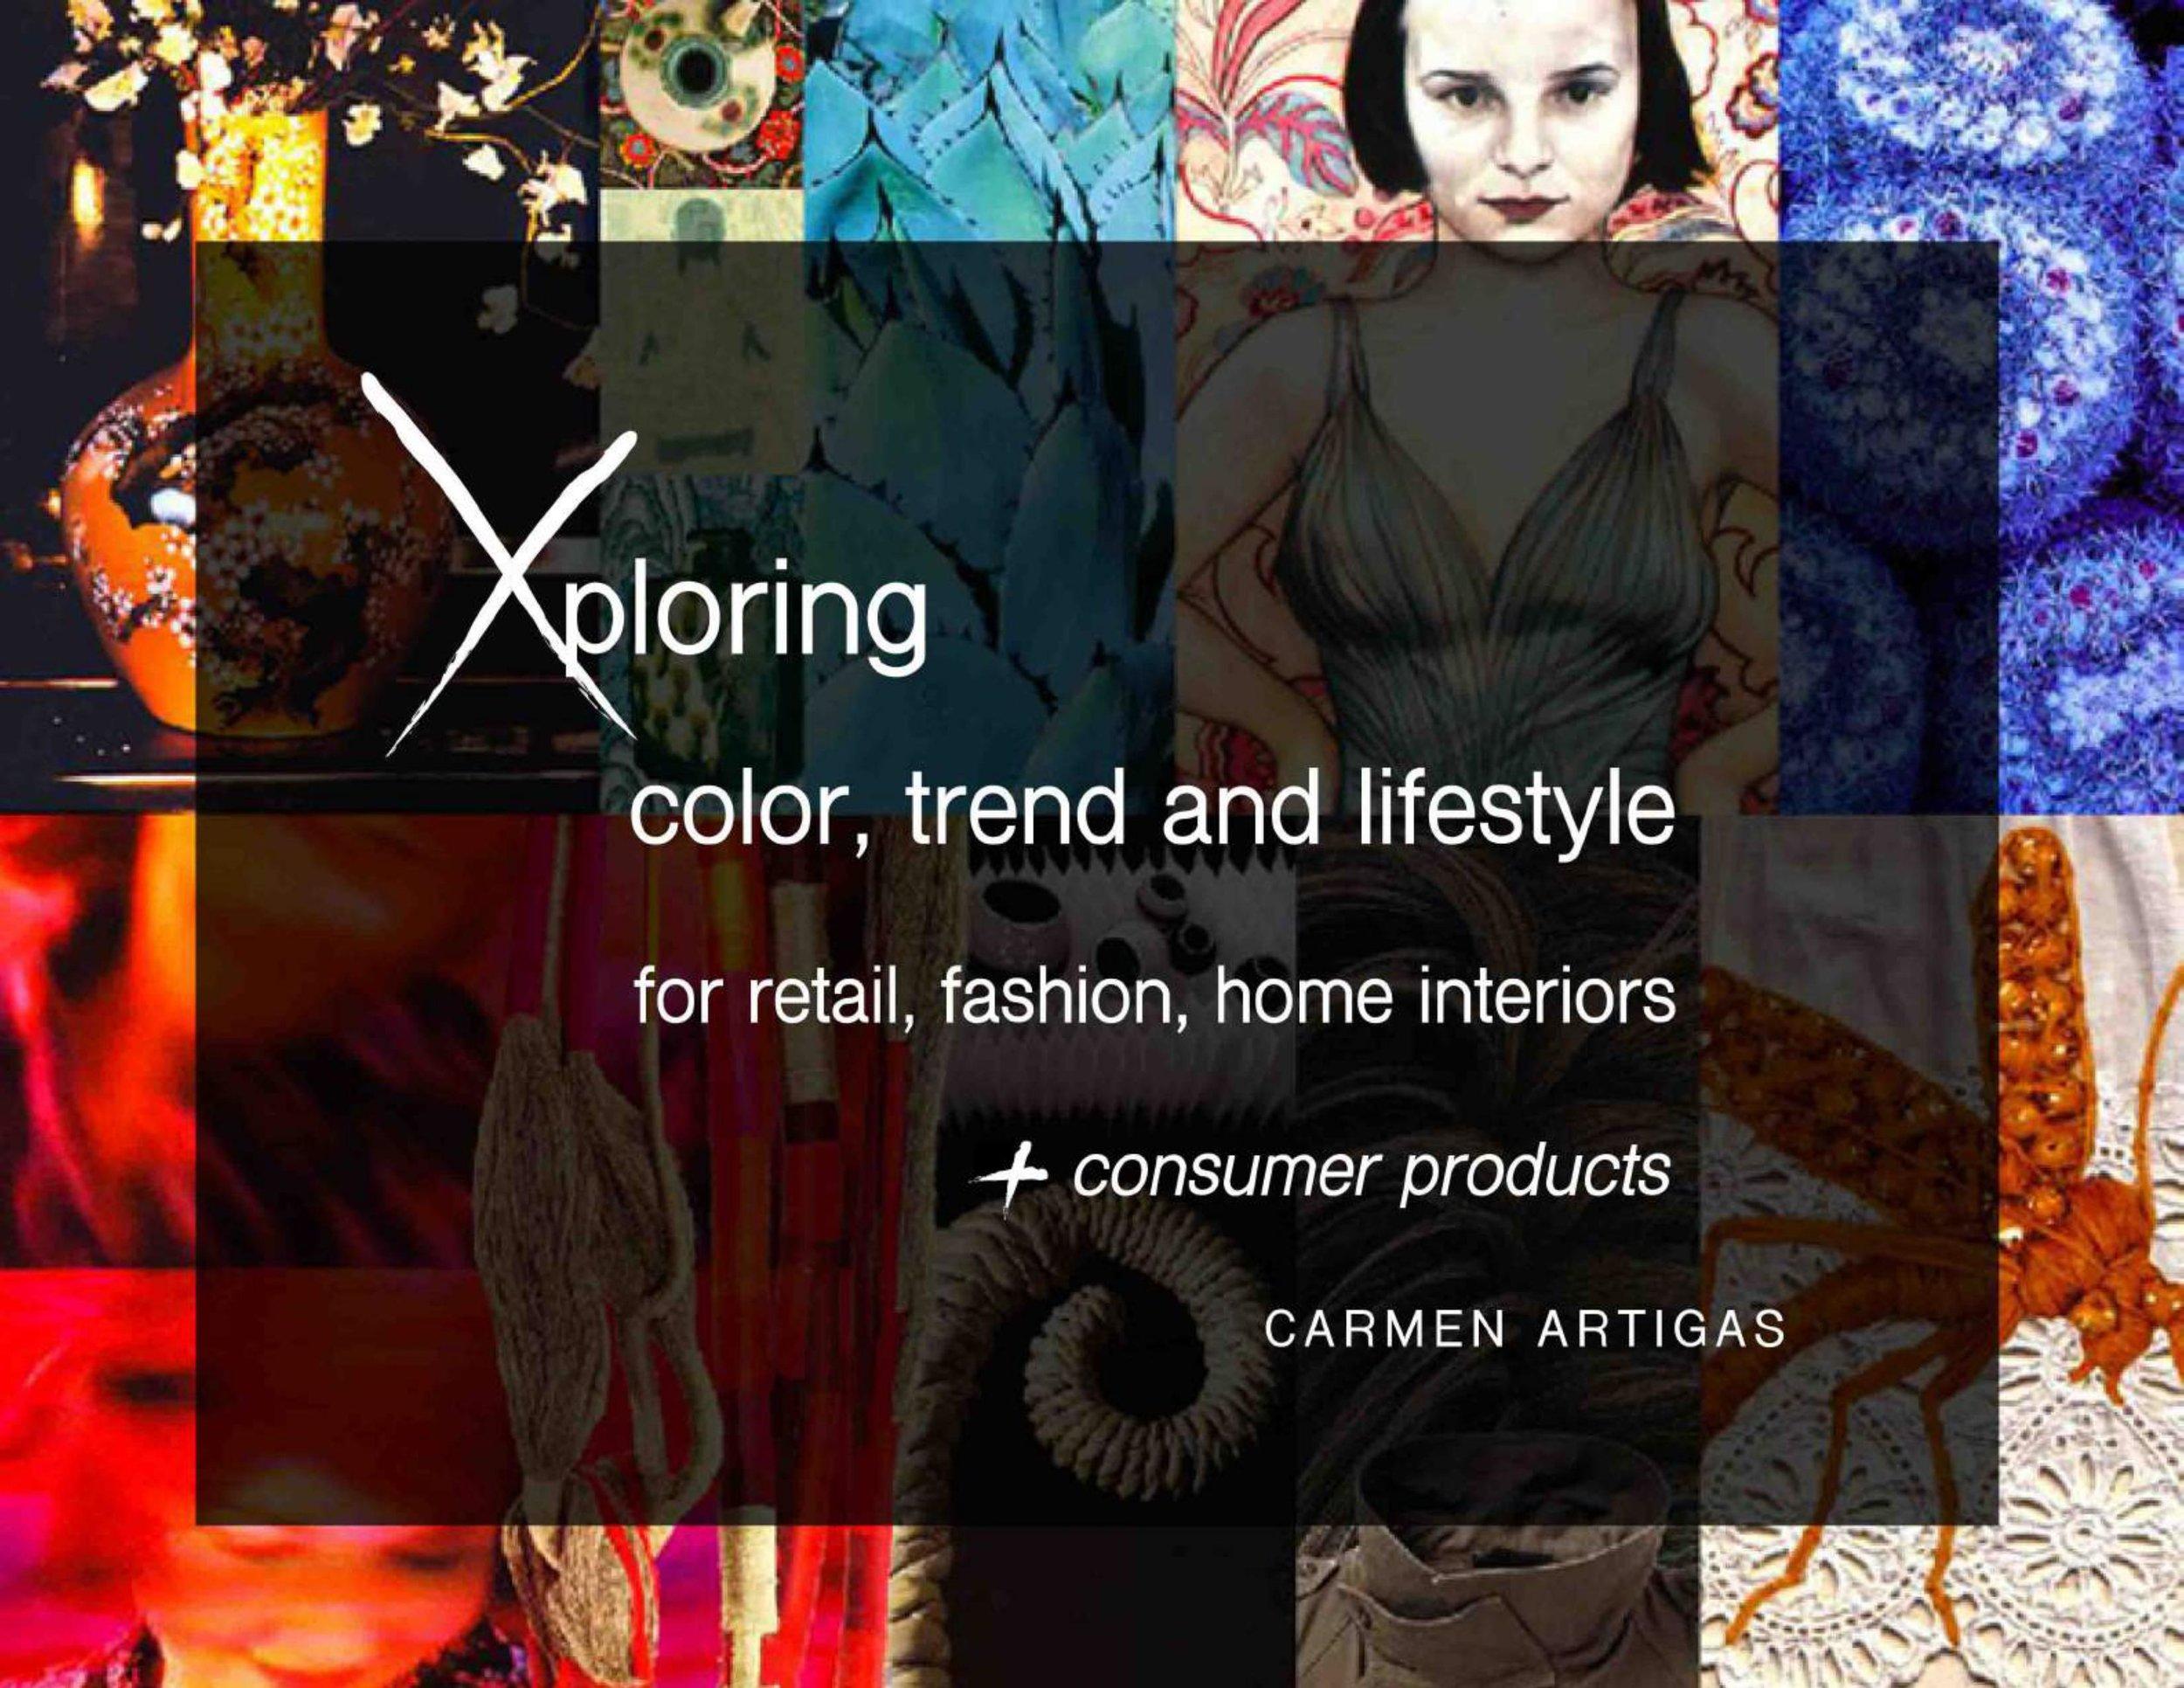 Carmen+Artigas+Portfolio+ATA-compressed.pdf-1.jpg